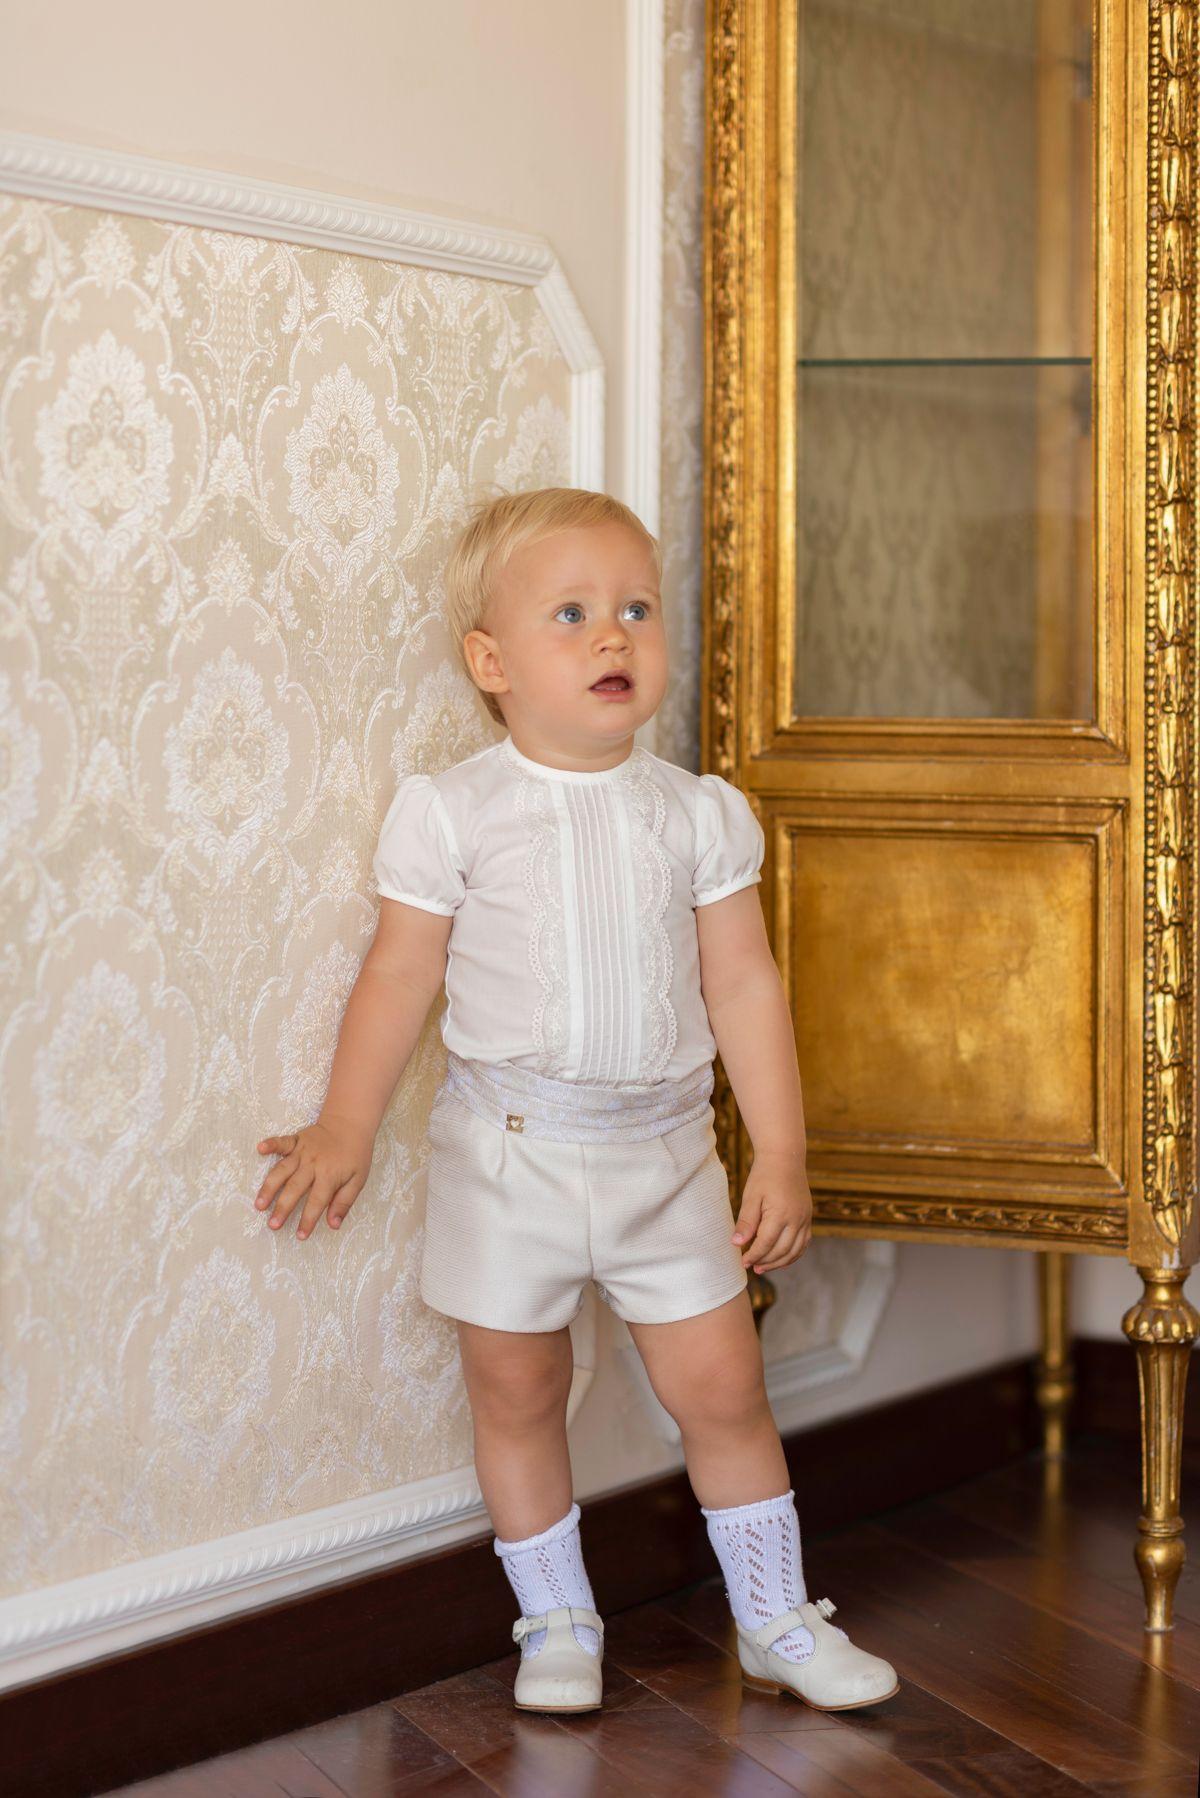 Conjunto de ceremonia para niño compuesto por camisa color marfil con  bordado en parte central y c67d0ae2230